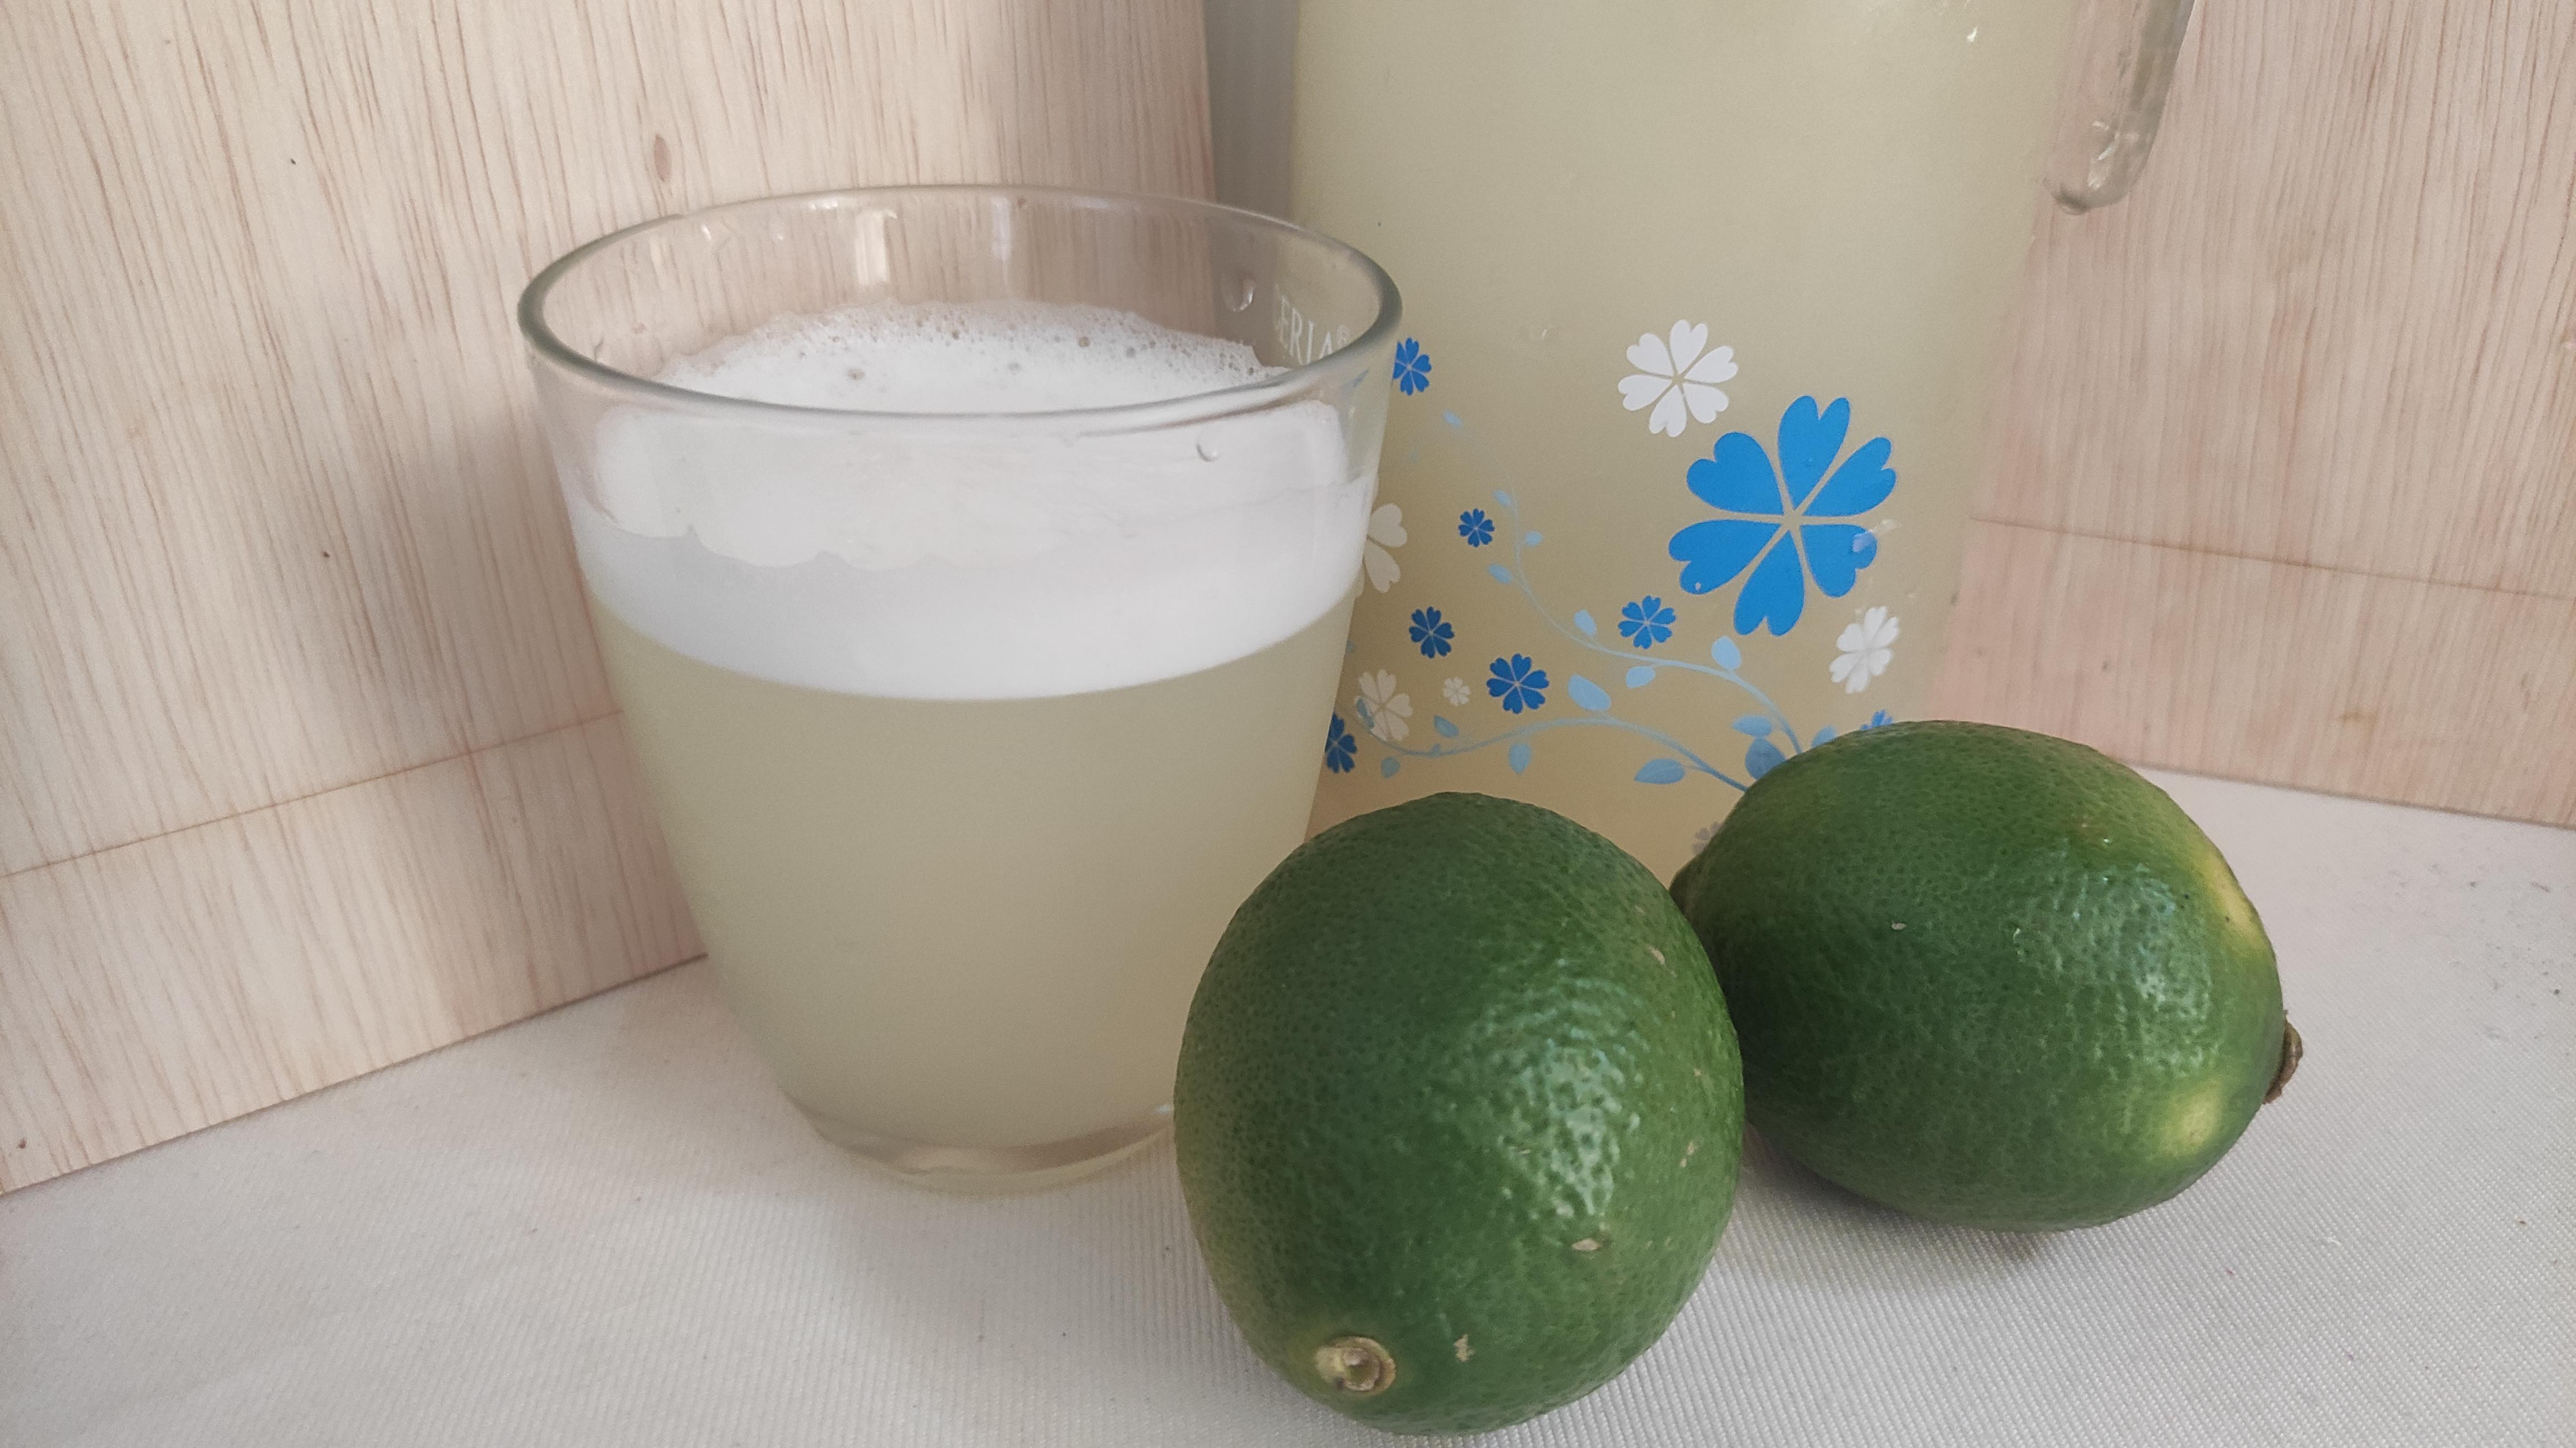 雪沫蜂蜜檸檬汁